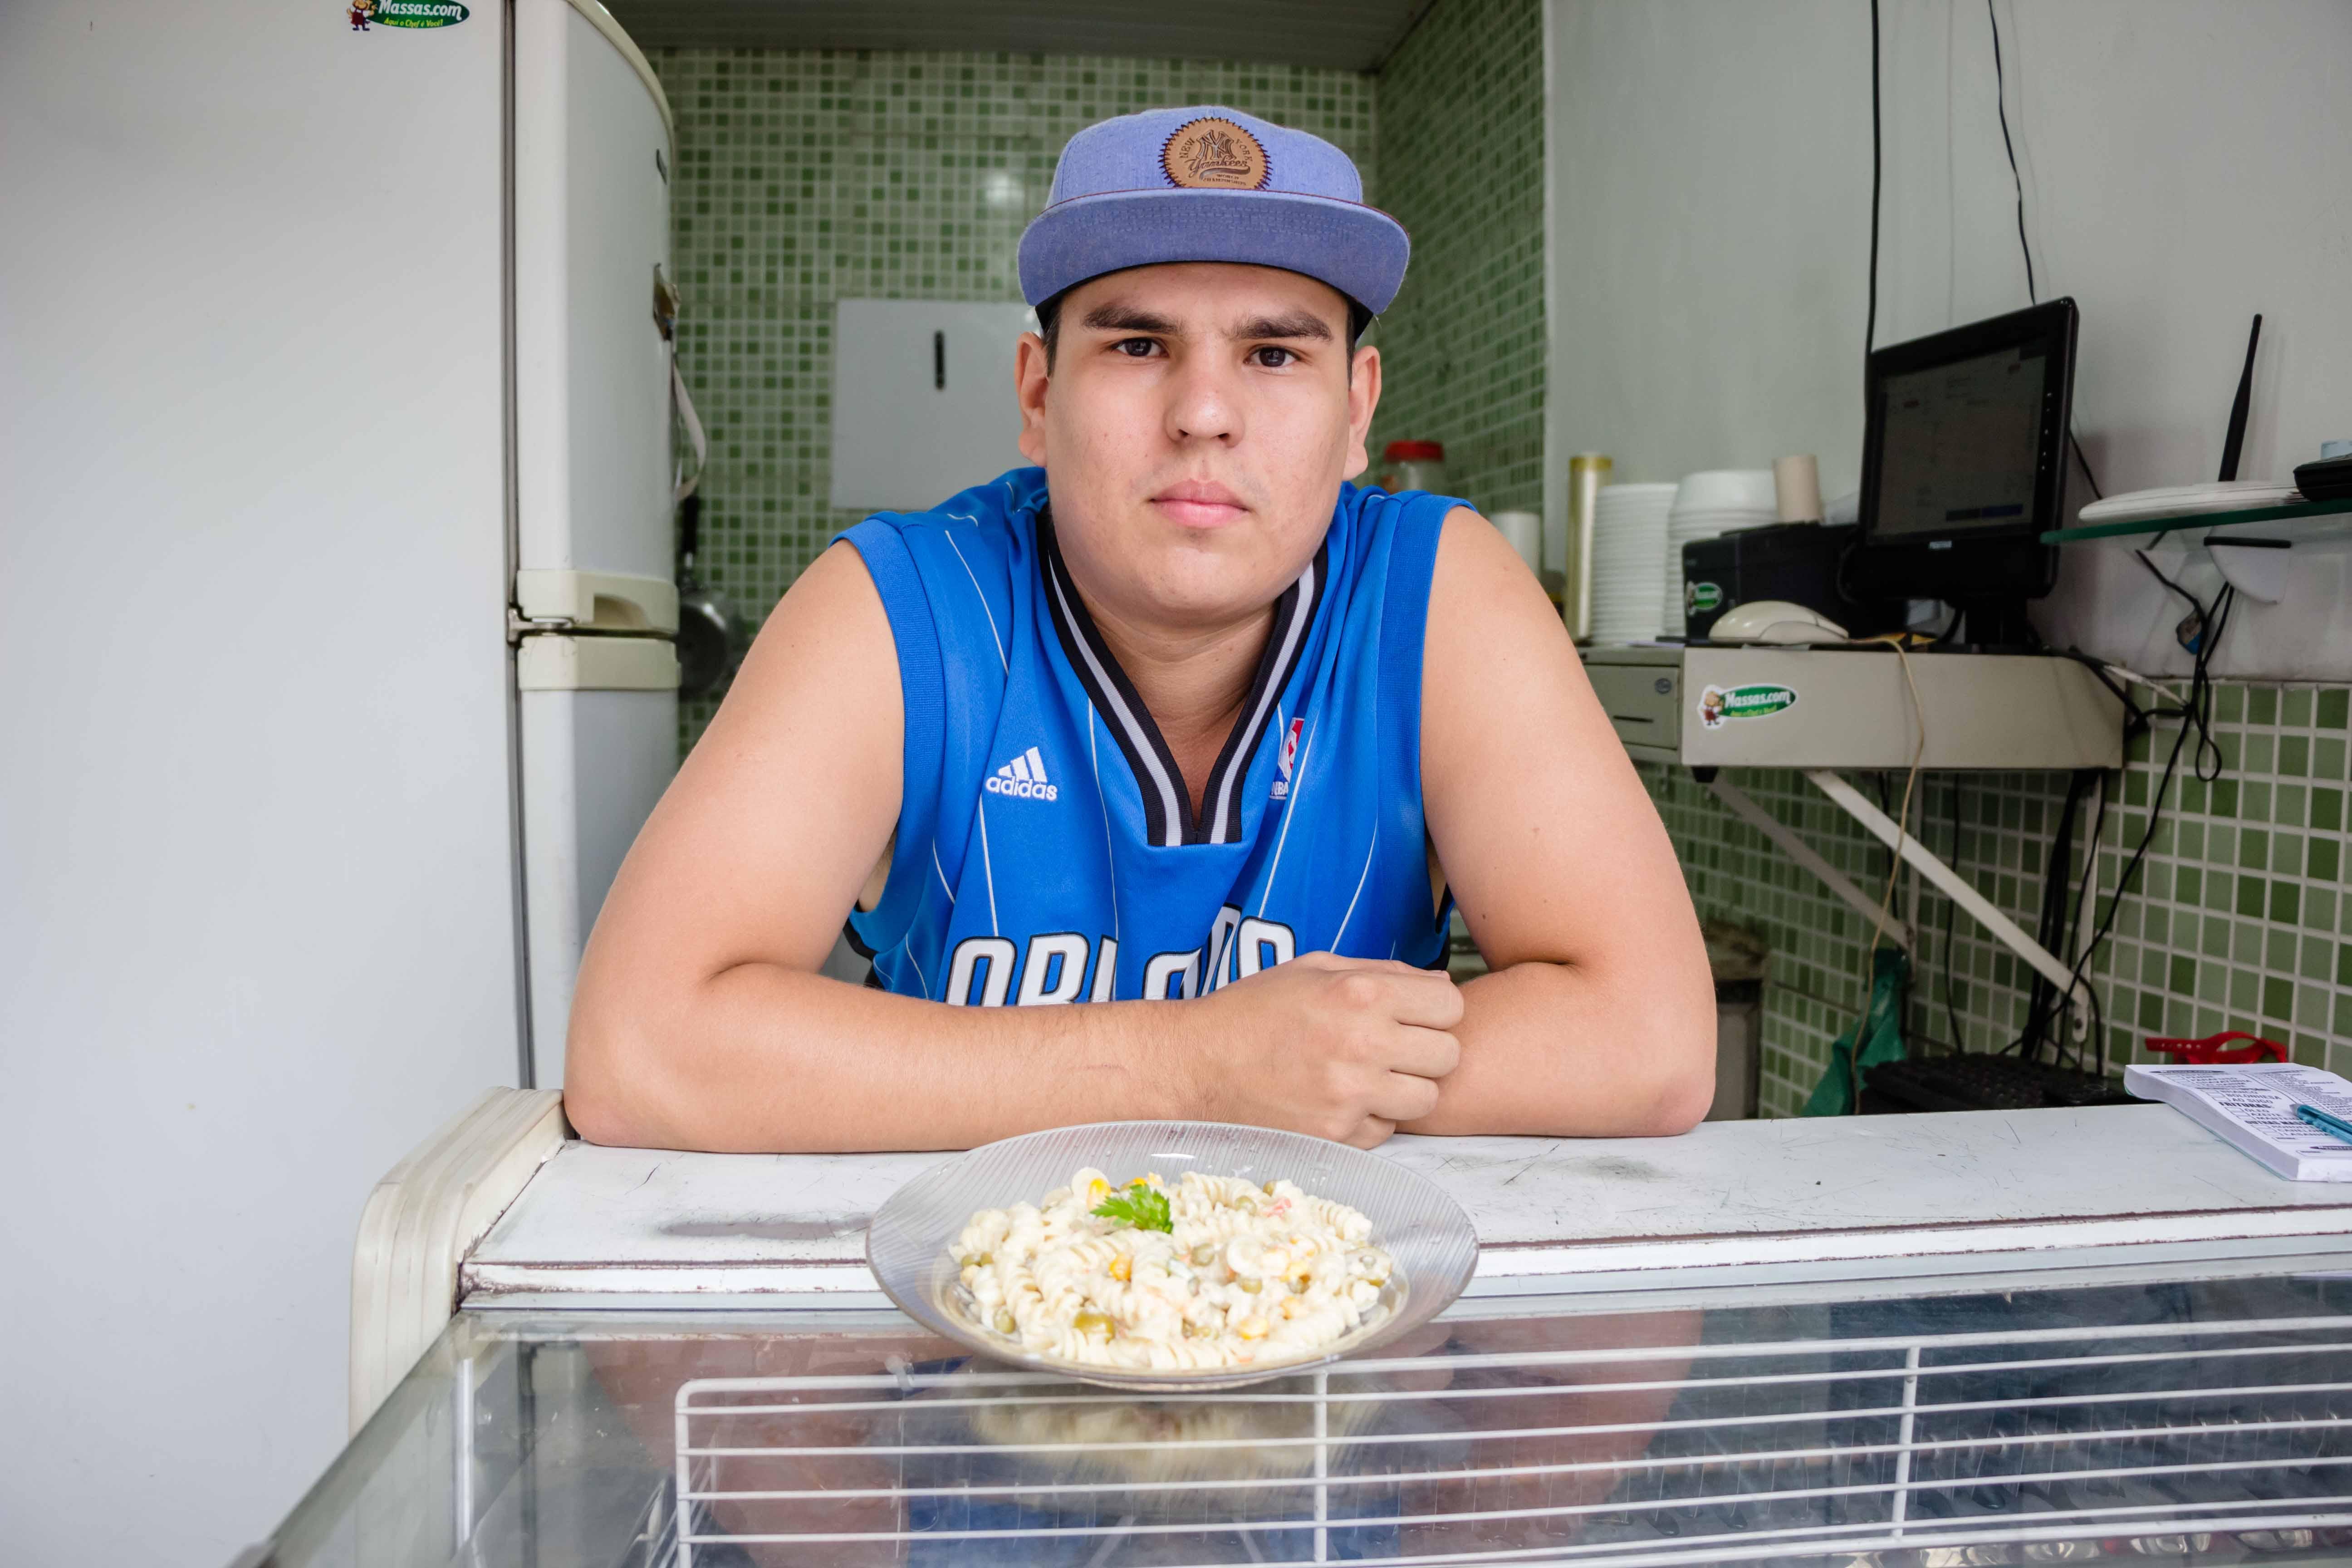 """Helder decidiu abrir seu negócio para que as pessoas tenham mais opções de """"faça você mesmo seu prato'. Foto: Renato Moura/Voz Das Comunidades"""